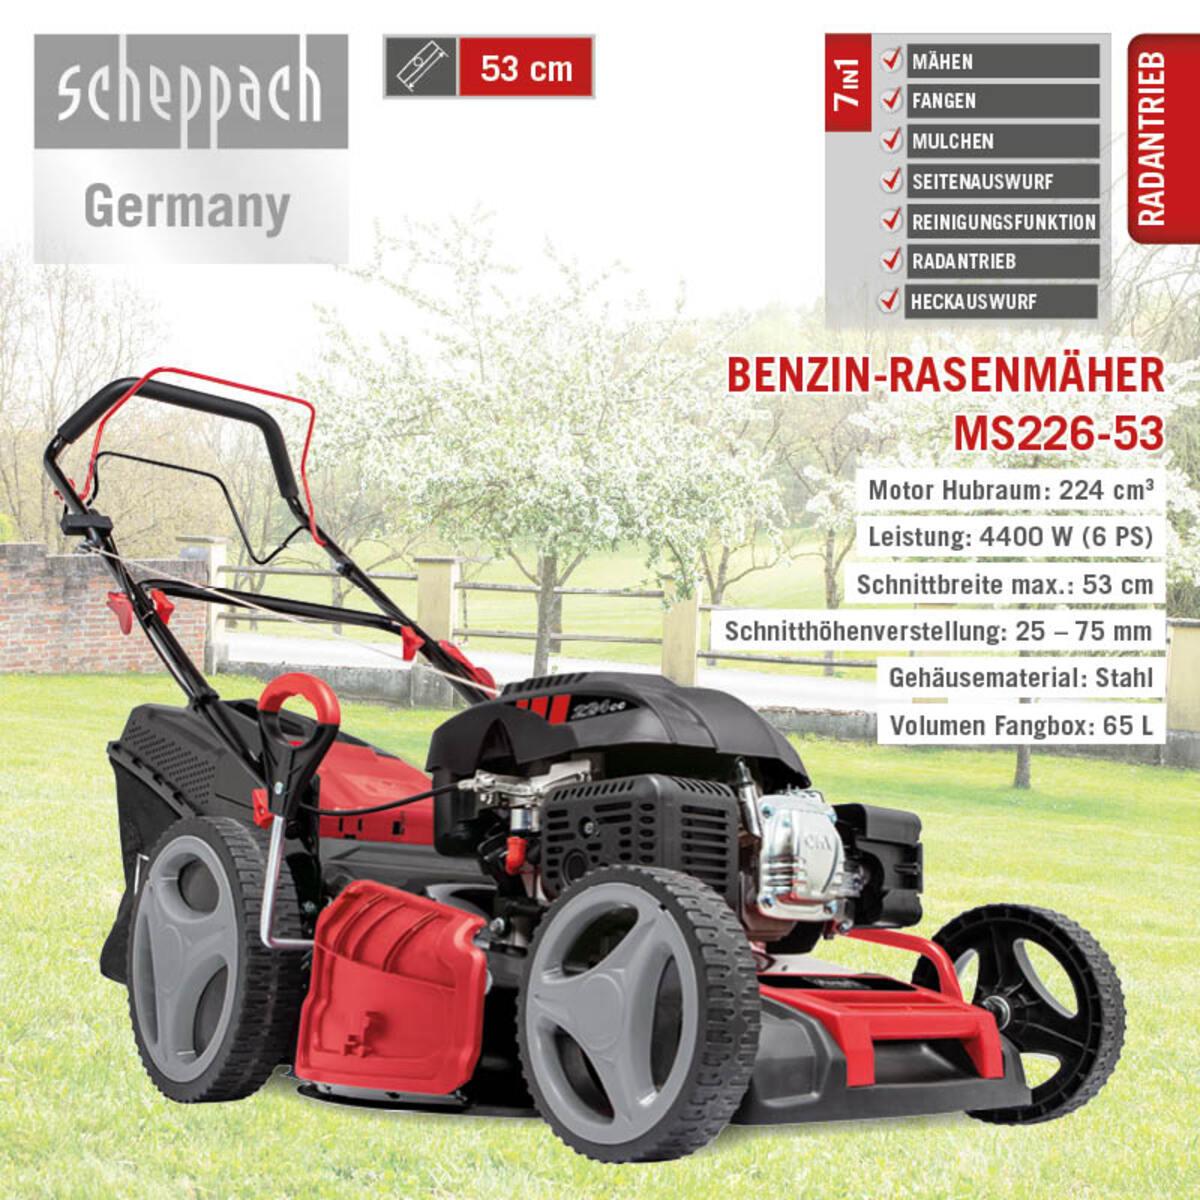 Bild 1 von Scheppach Benzin-Rasenmäher MS226-53